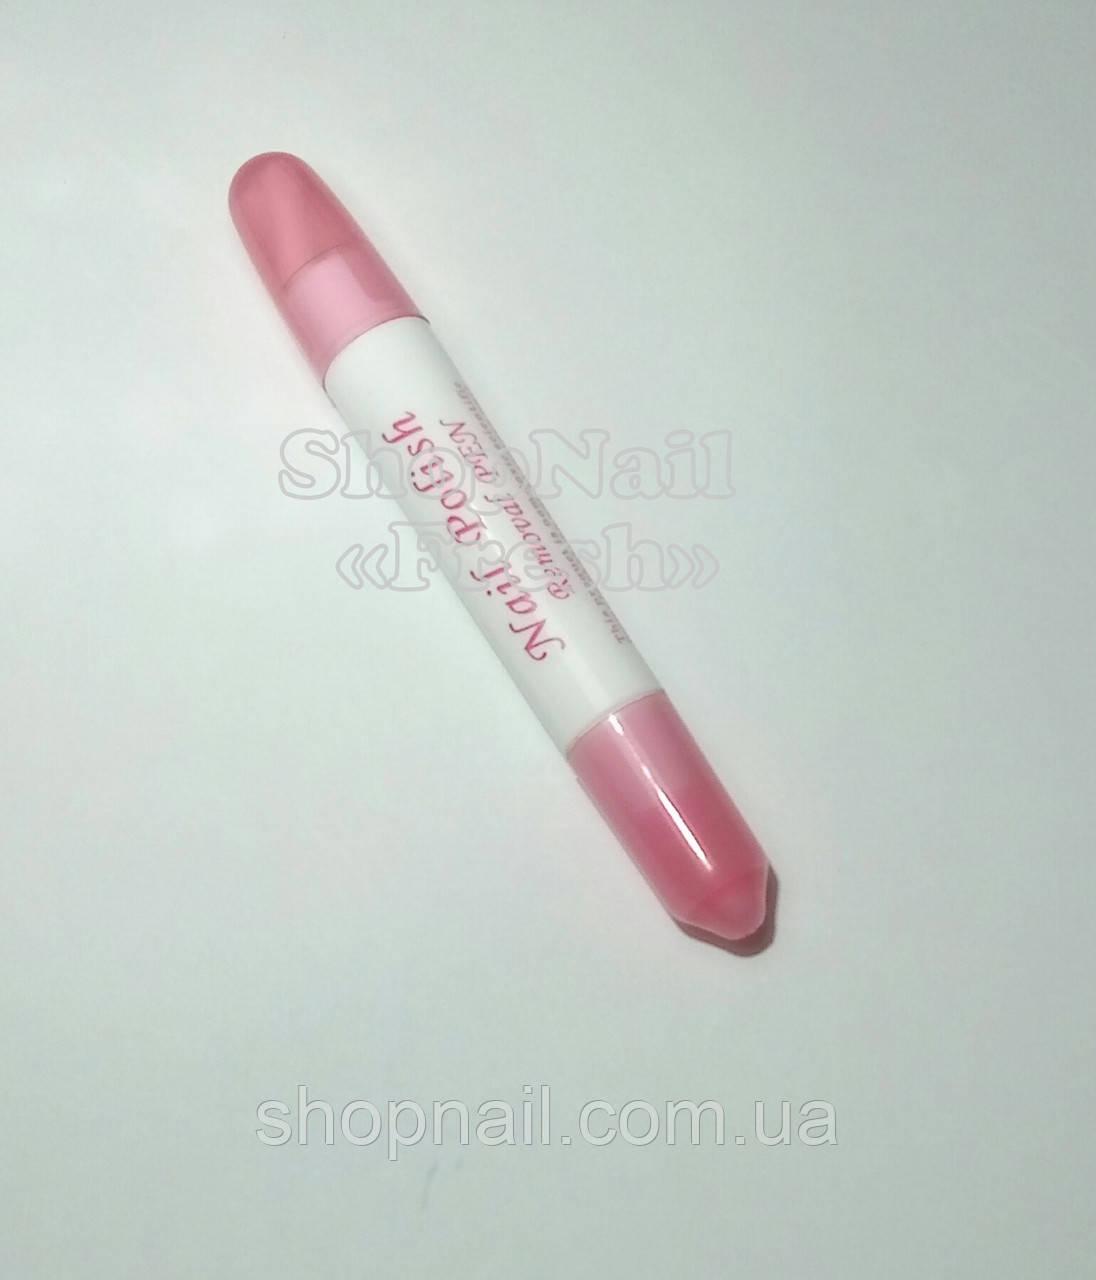 Корректор-карандаш лака